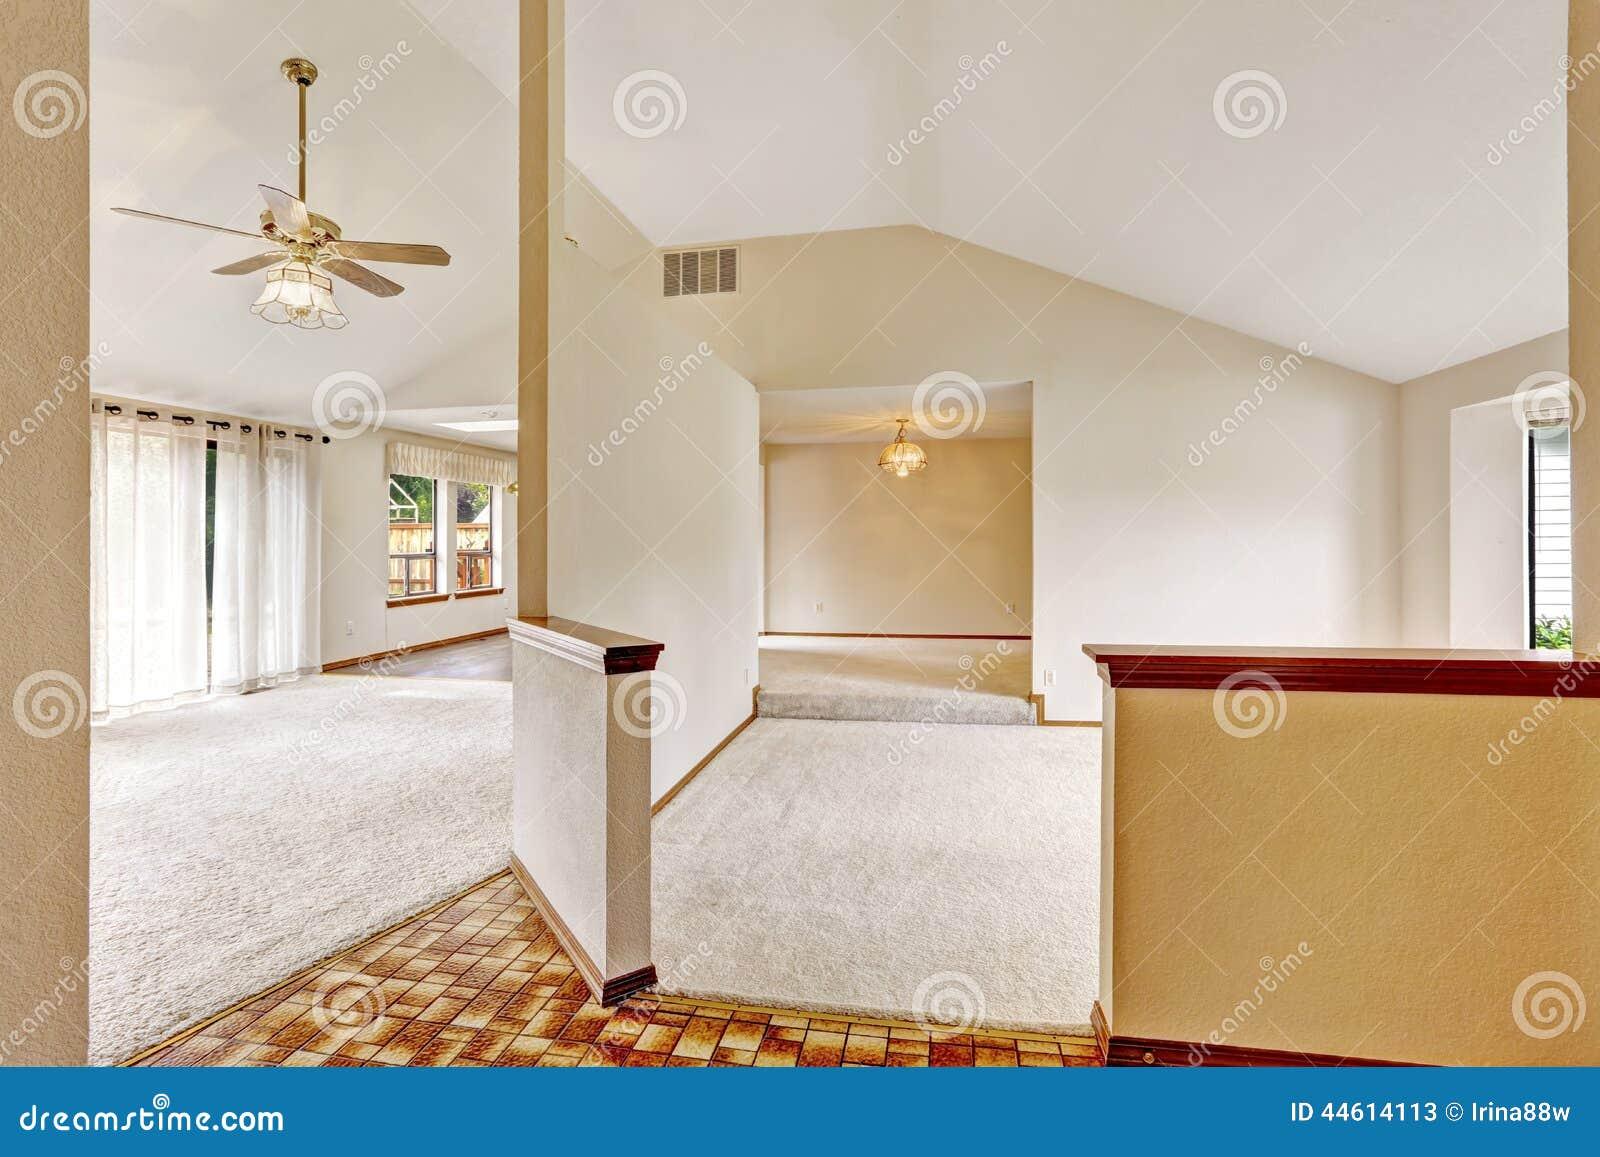 empty house interior in ivory tones stock photo - image: 44614113